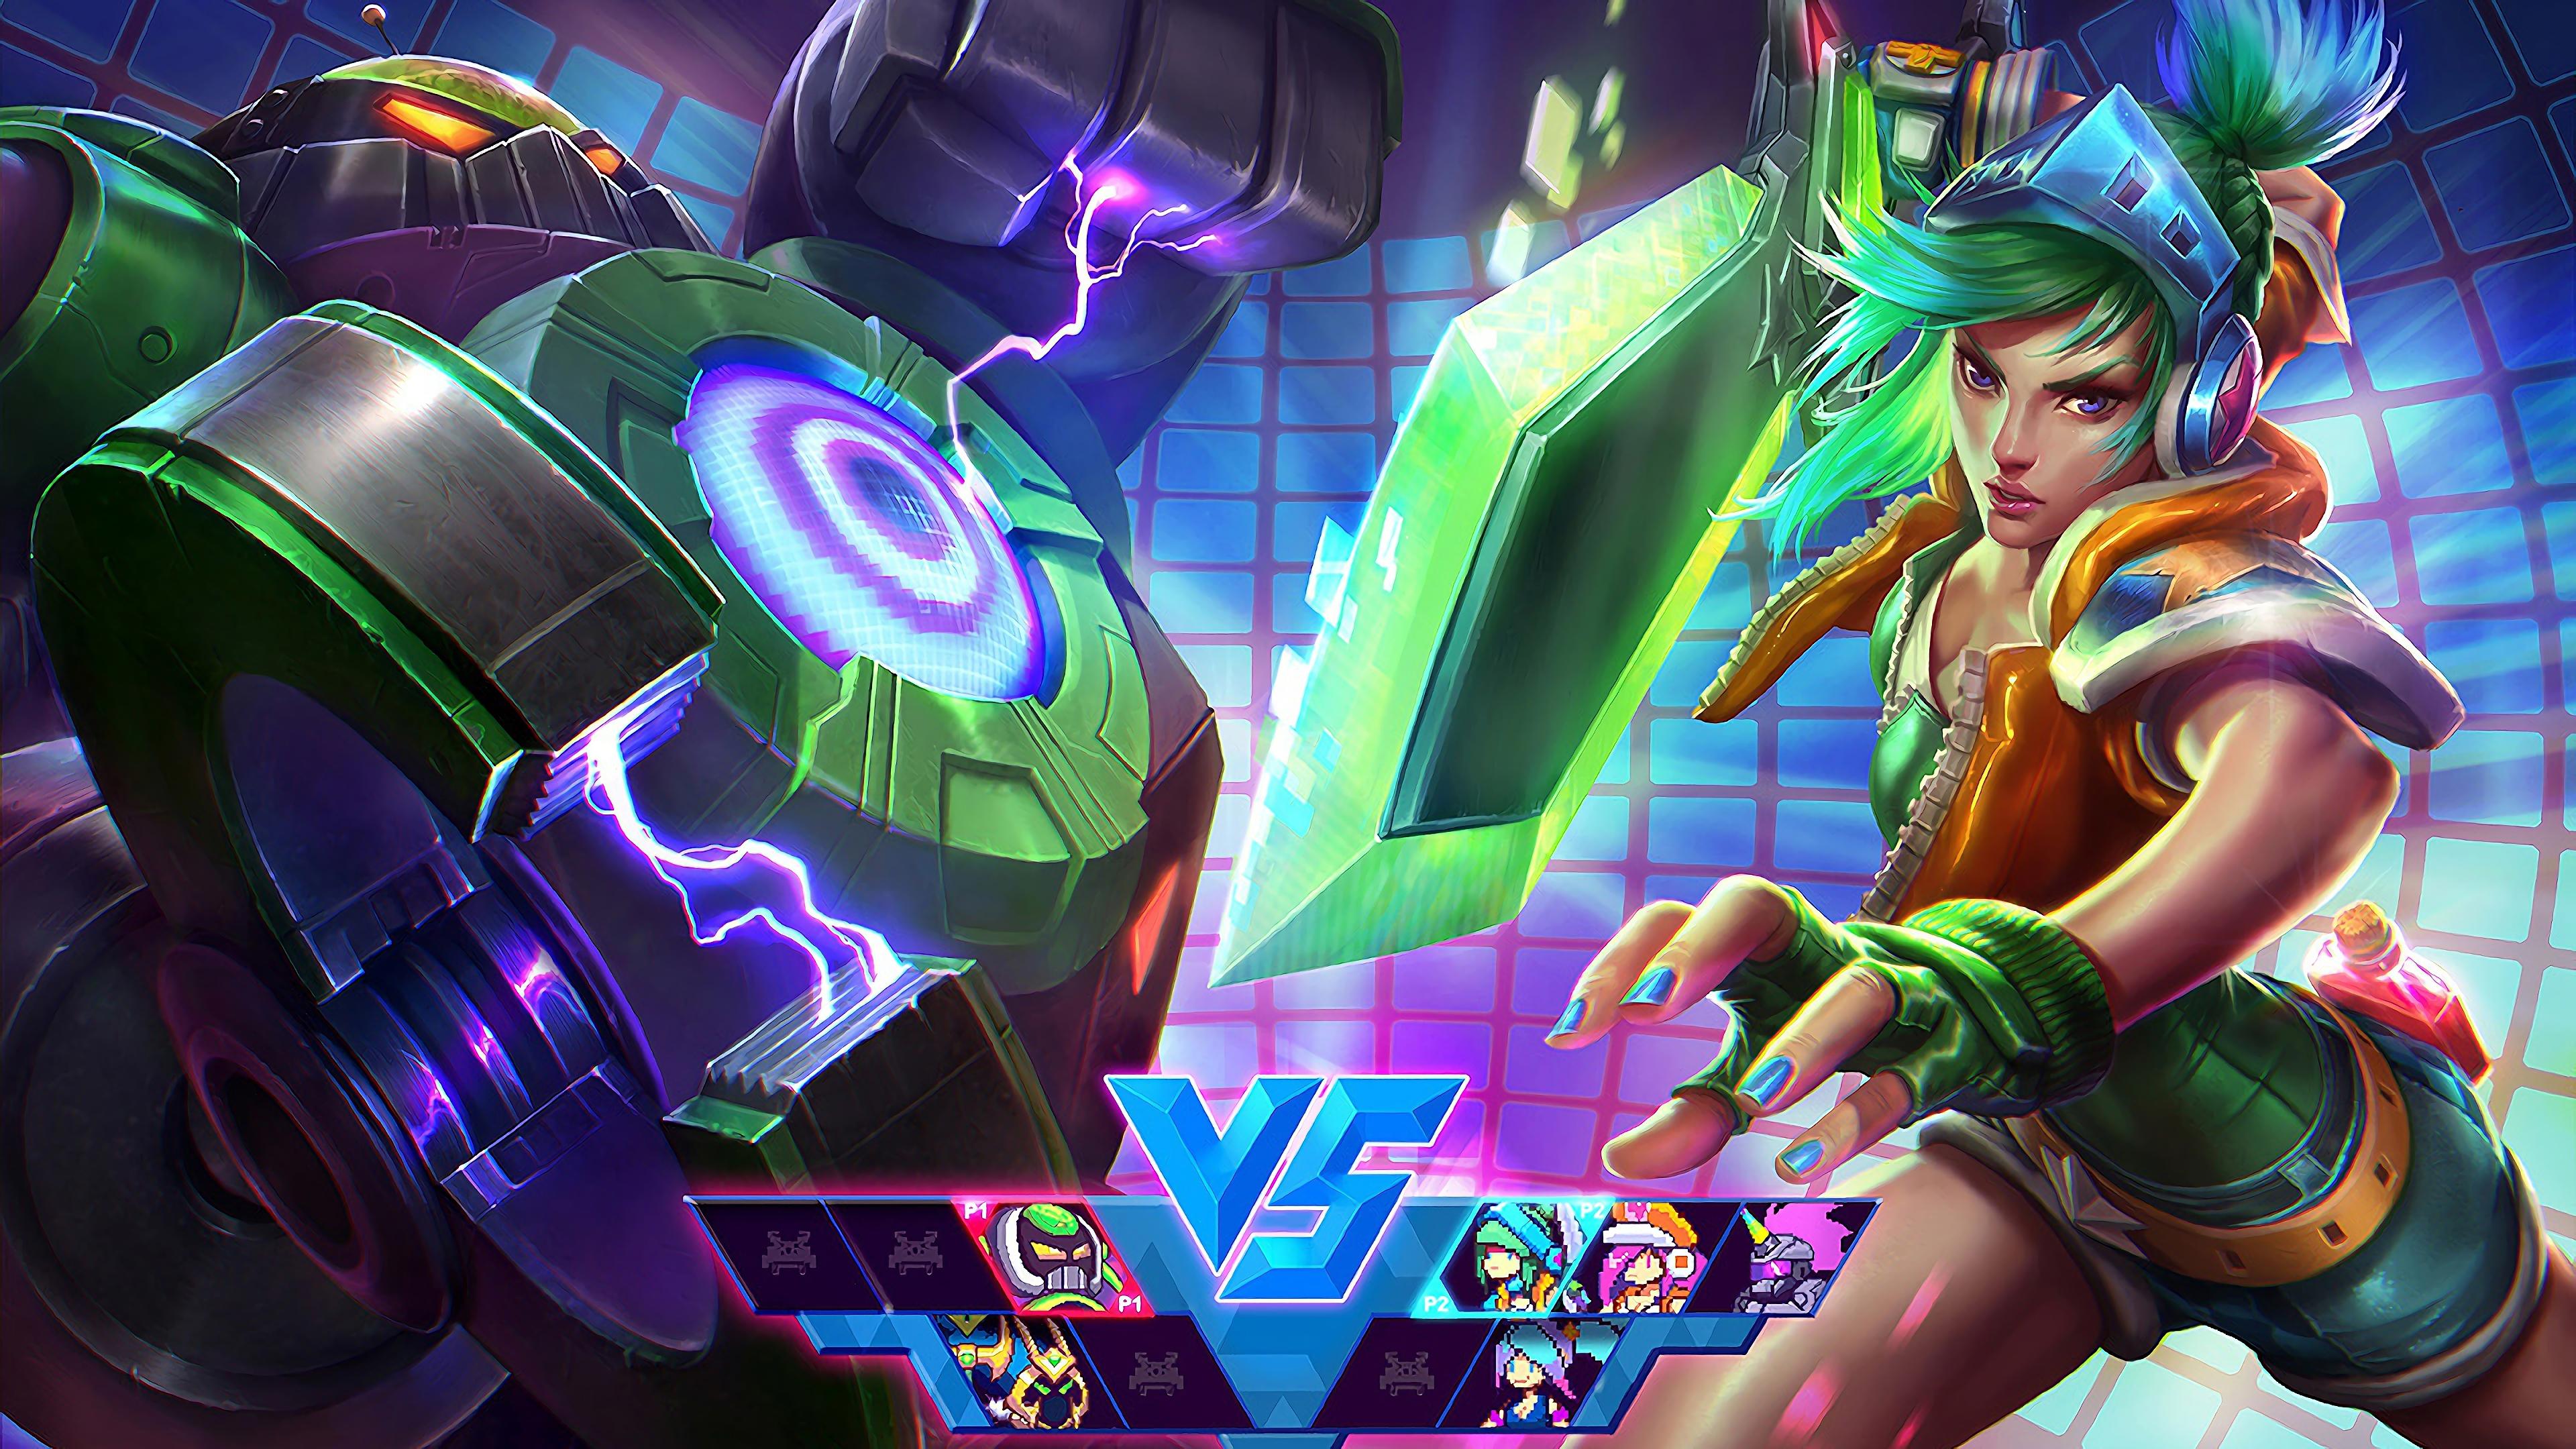 arcade riven blitzcrank lol splash art league of legends 1574100346 - Arcade Riven Blitzcrank LoL Splash Art League of Legends - Riven, league of legends, Blitzcrank, Arcade - League of Legends